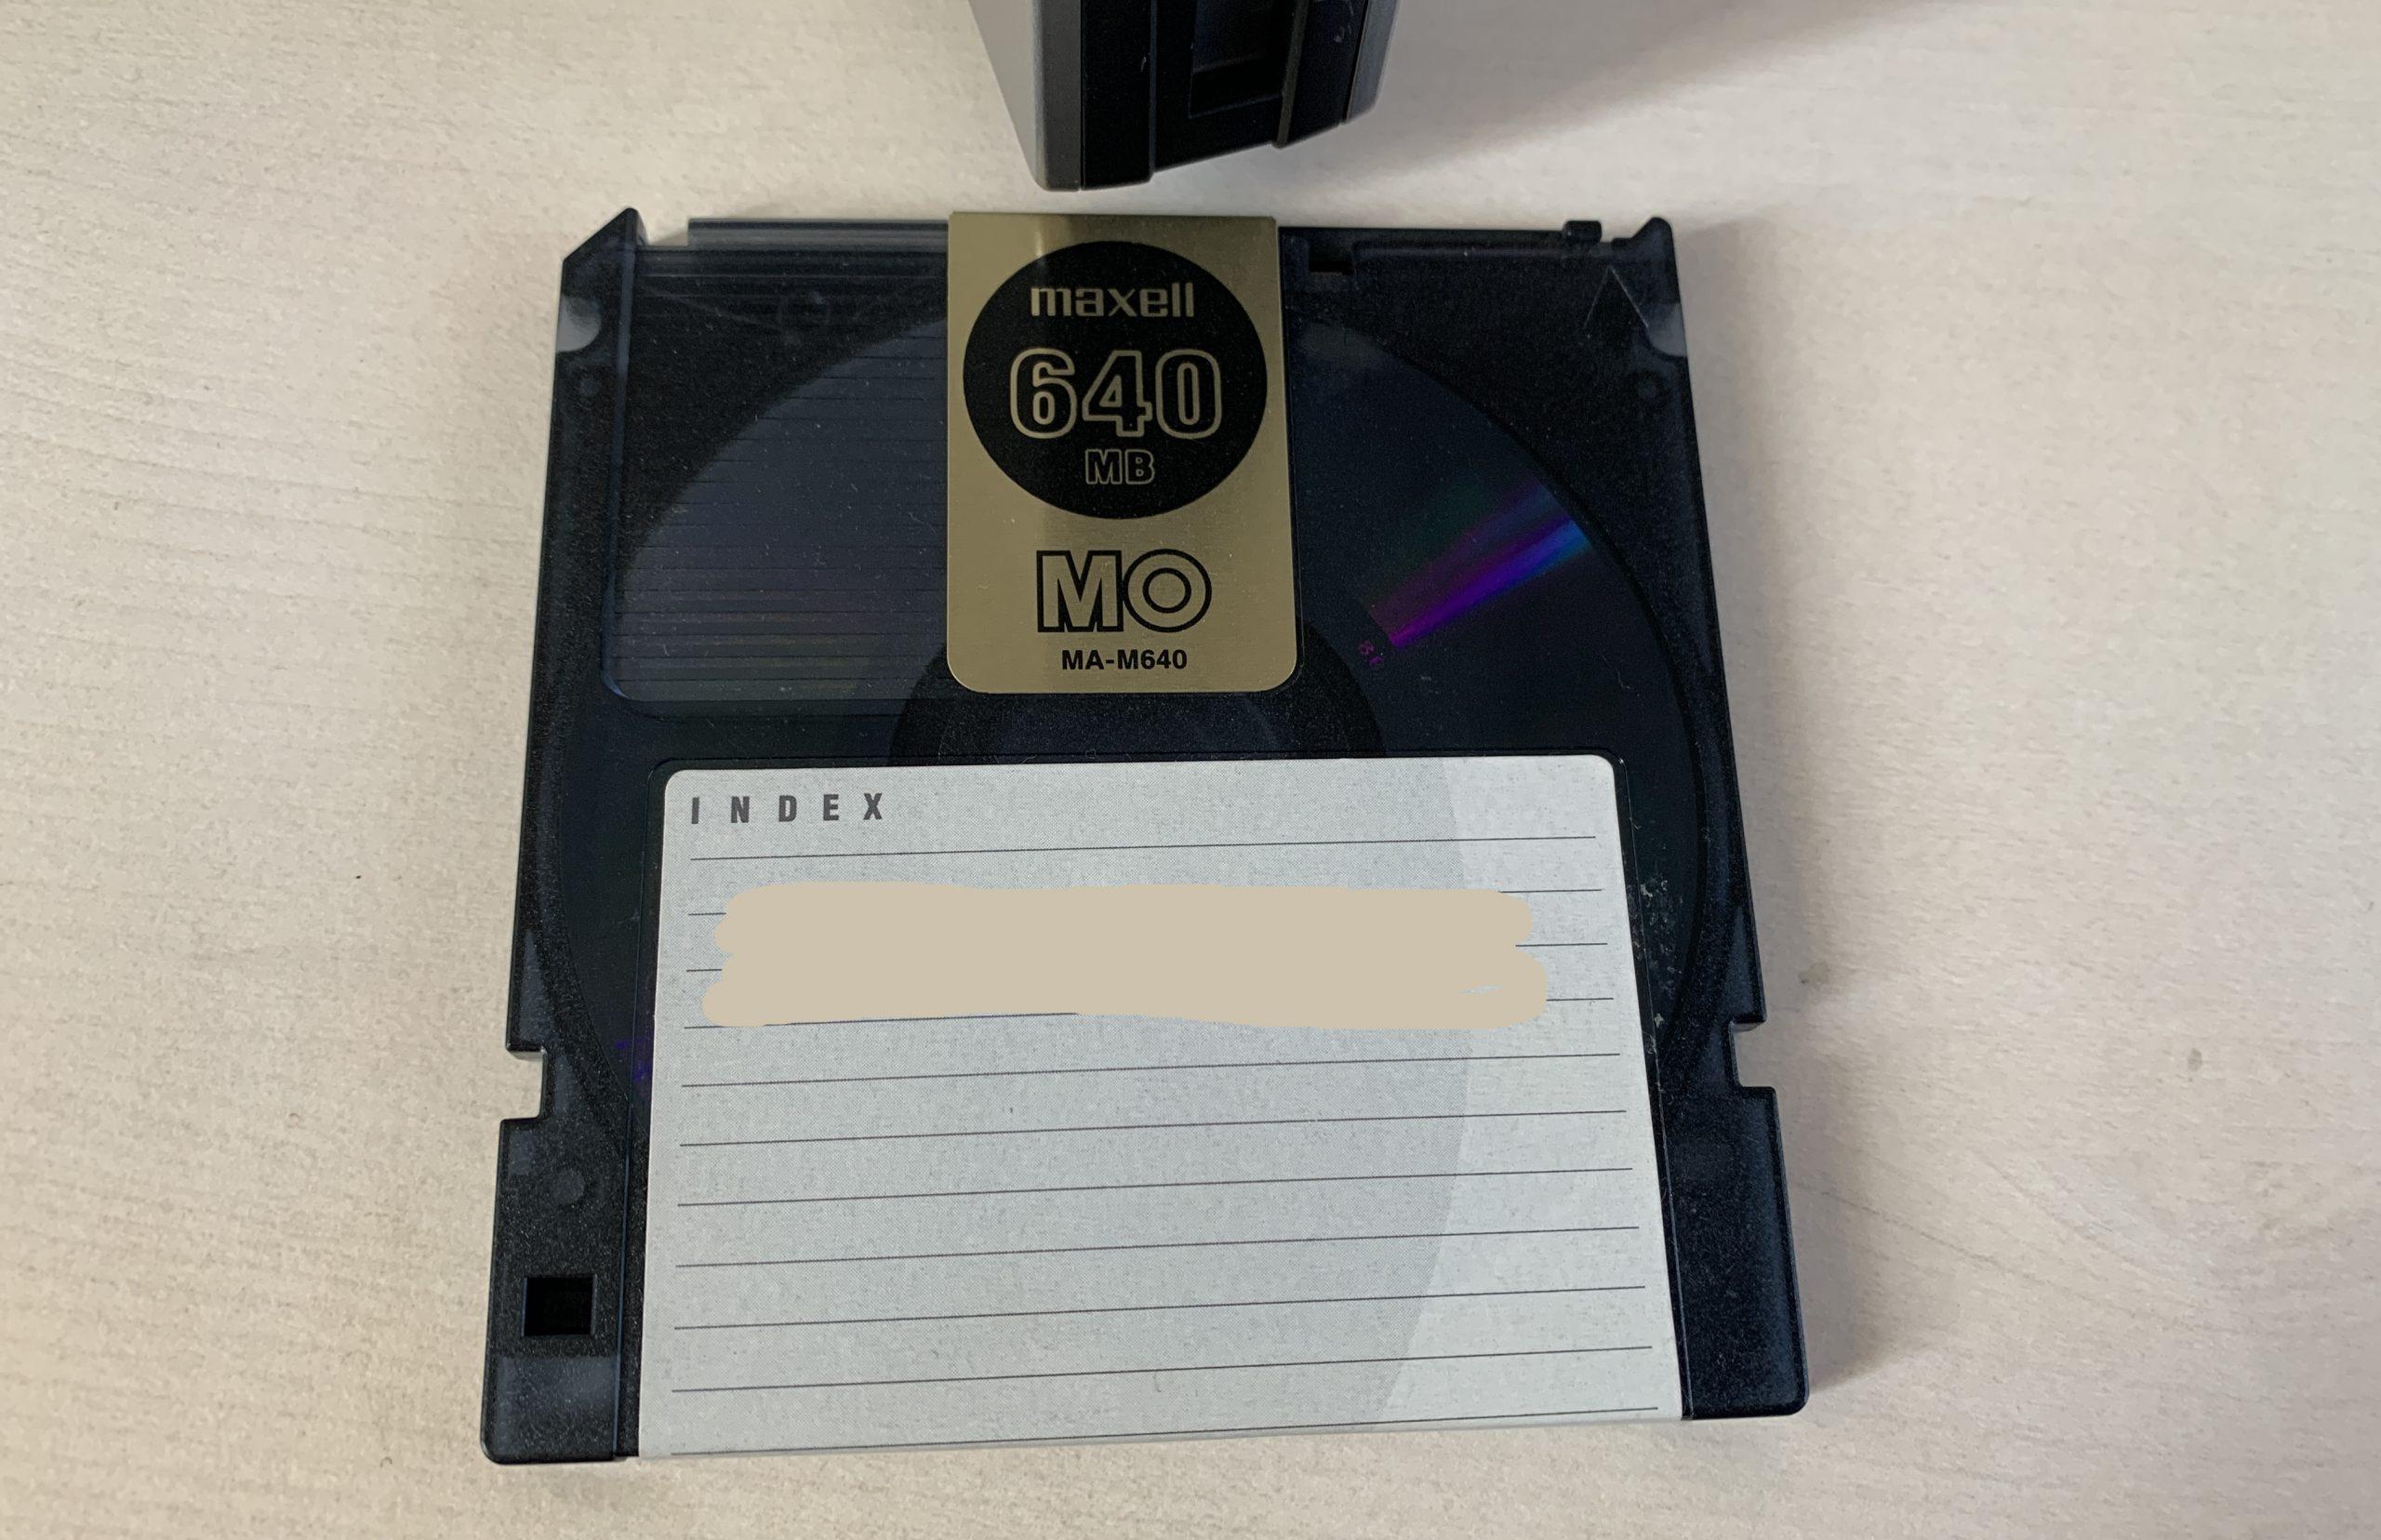 マクセル製MO(640MB)